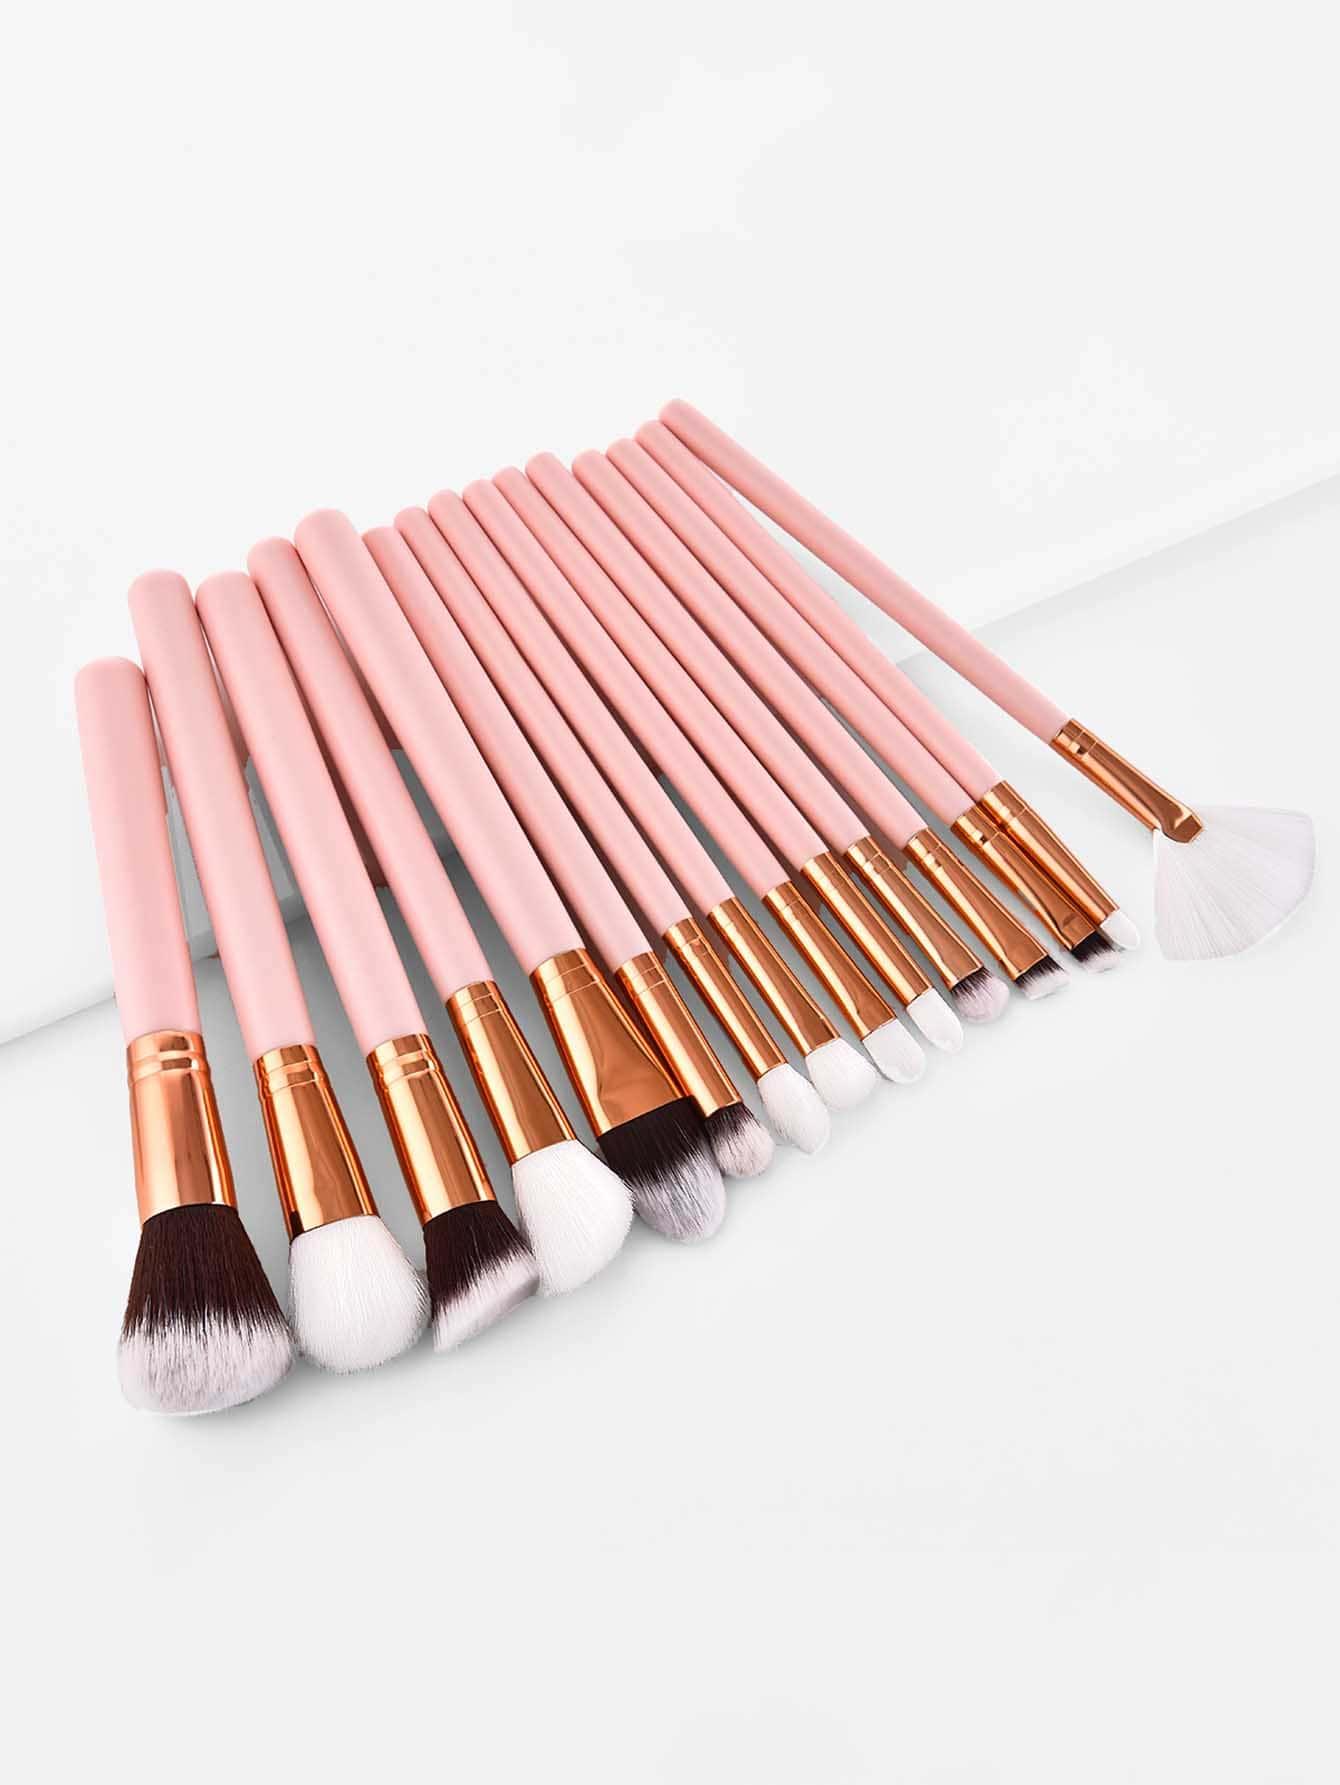 Soft Makeup Brush 15pcs soft makeup brush 1pc